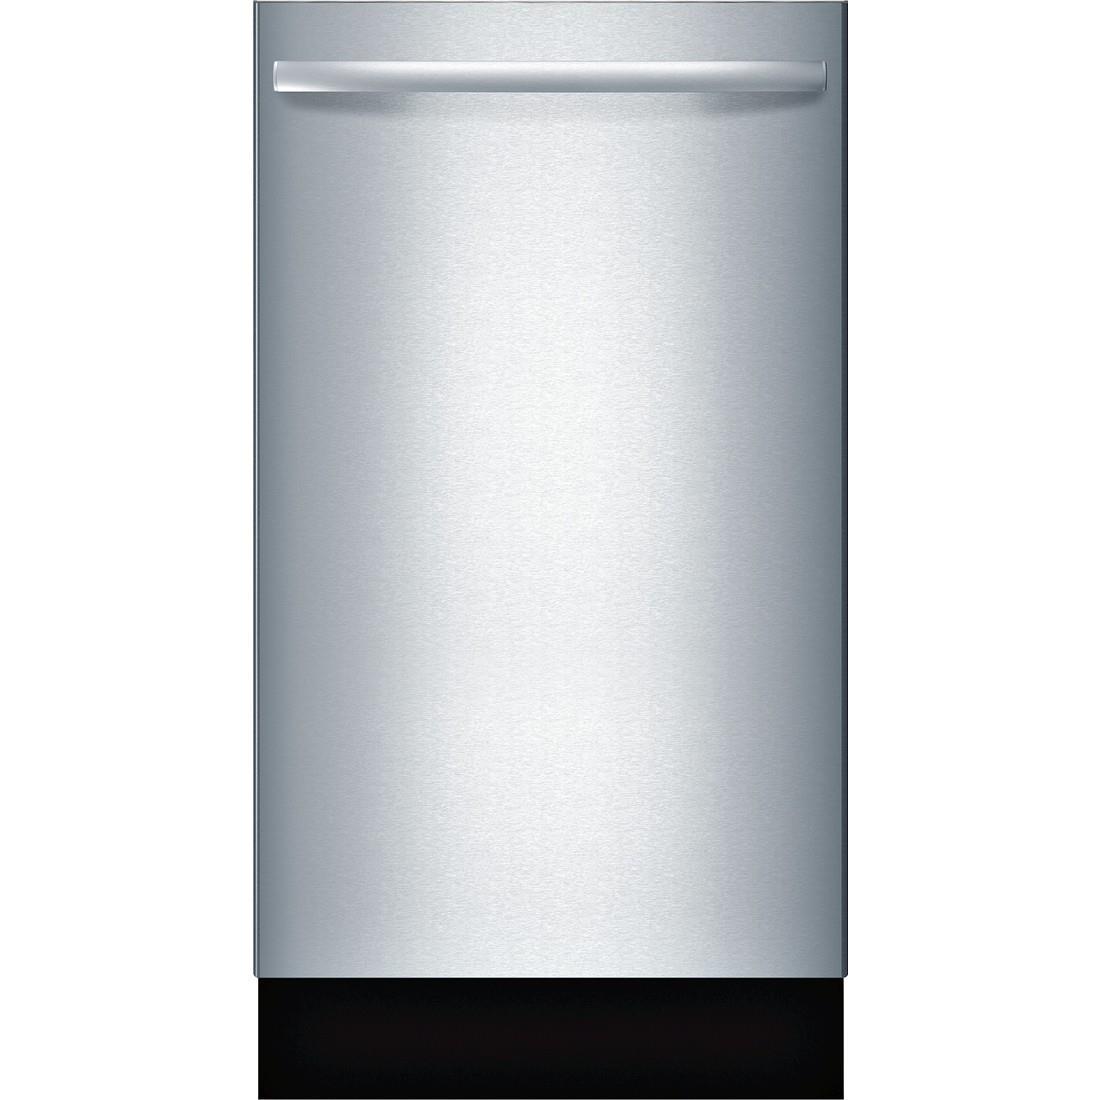 """Bosch Dishwashers 18"""" Built-In Dishwasher - Item Number: SPX68U55UC"""